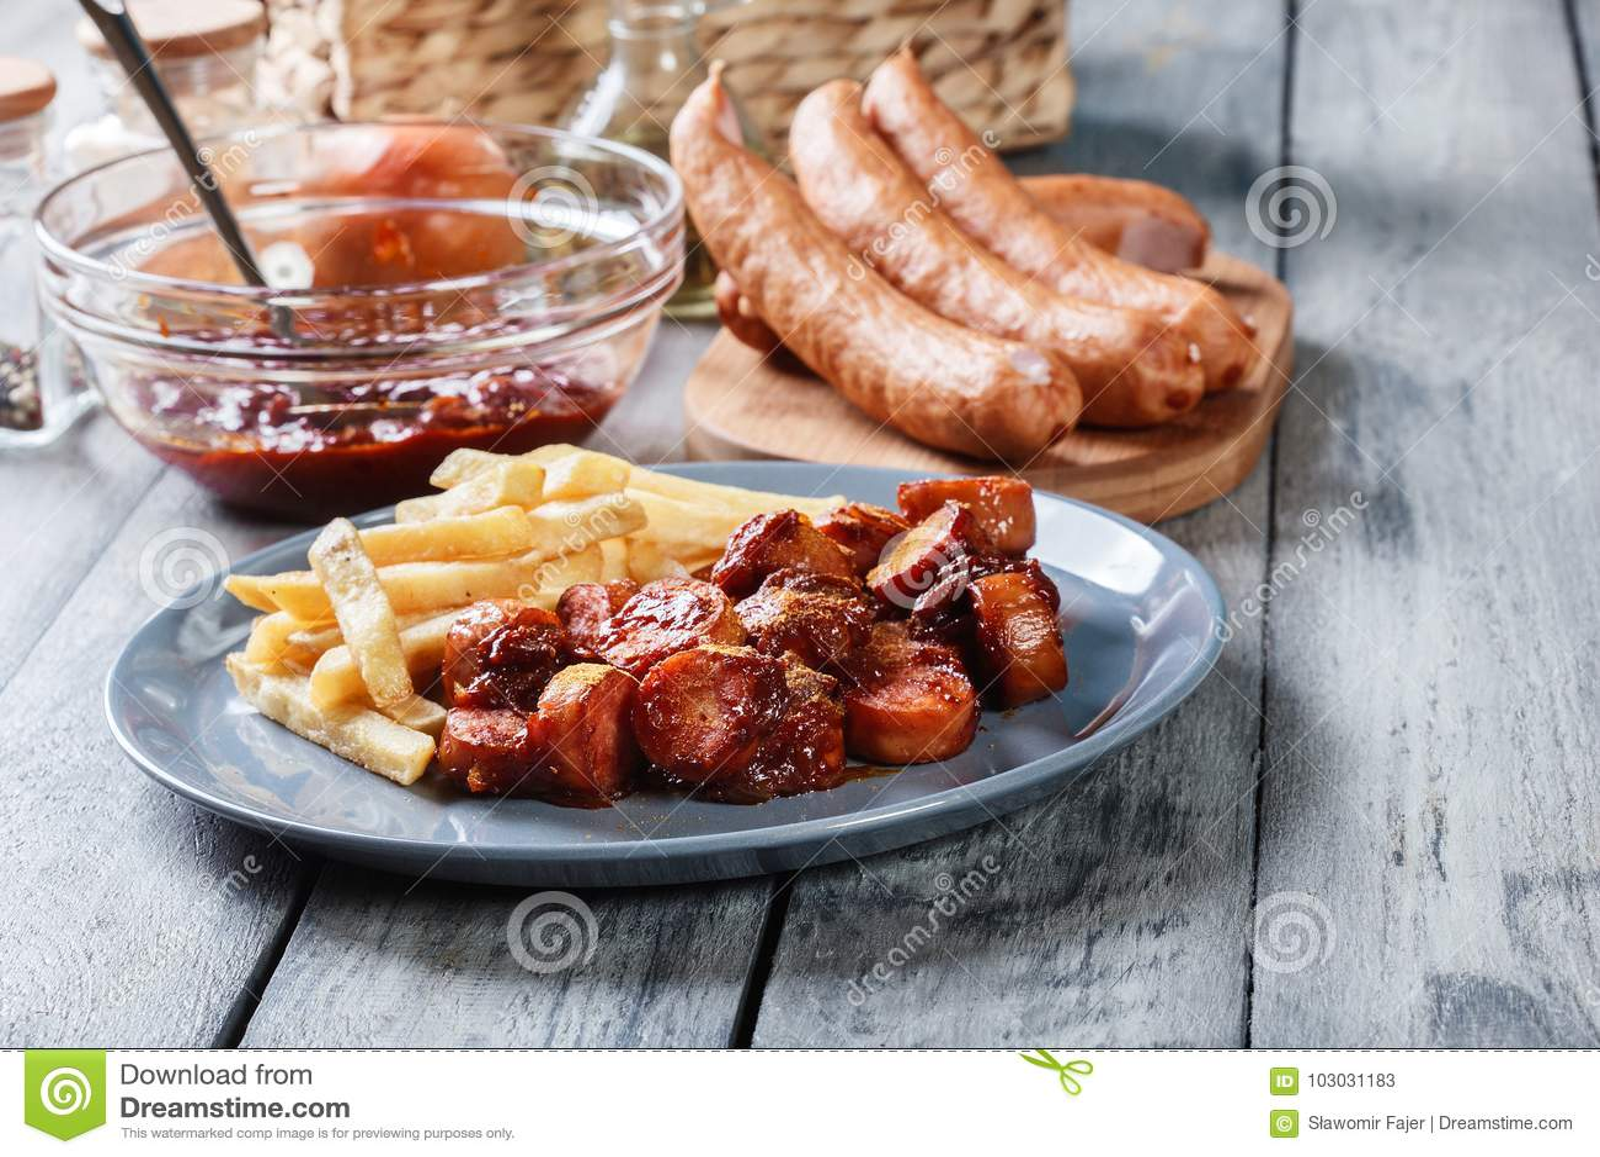 Traditionelles deutsches currywurst - Stücke der Wurst mit Currysoße